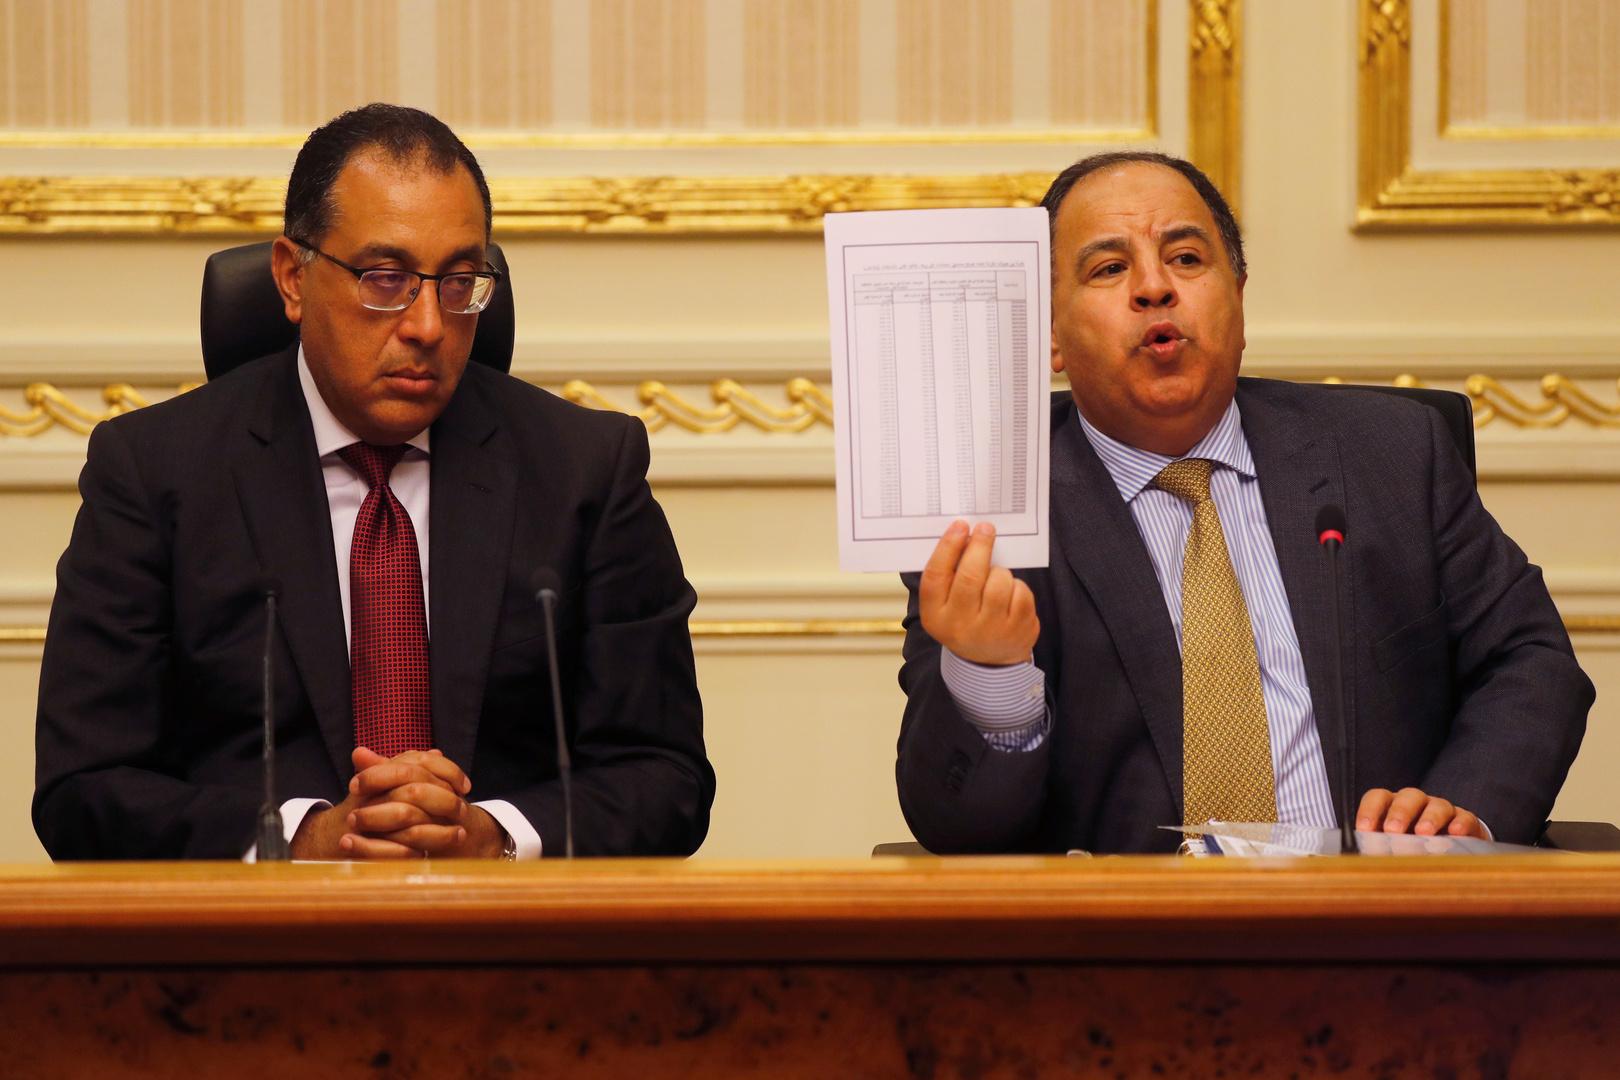 مصر تقدم أكبر طرح في تاريخها بالسوق الدولية رغم أزمة كورونا